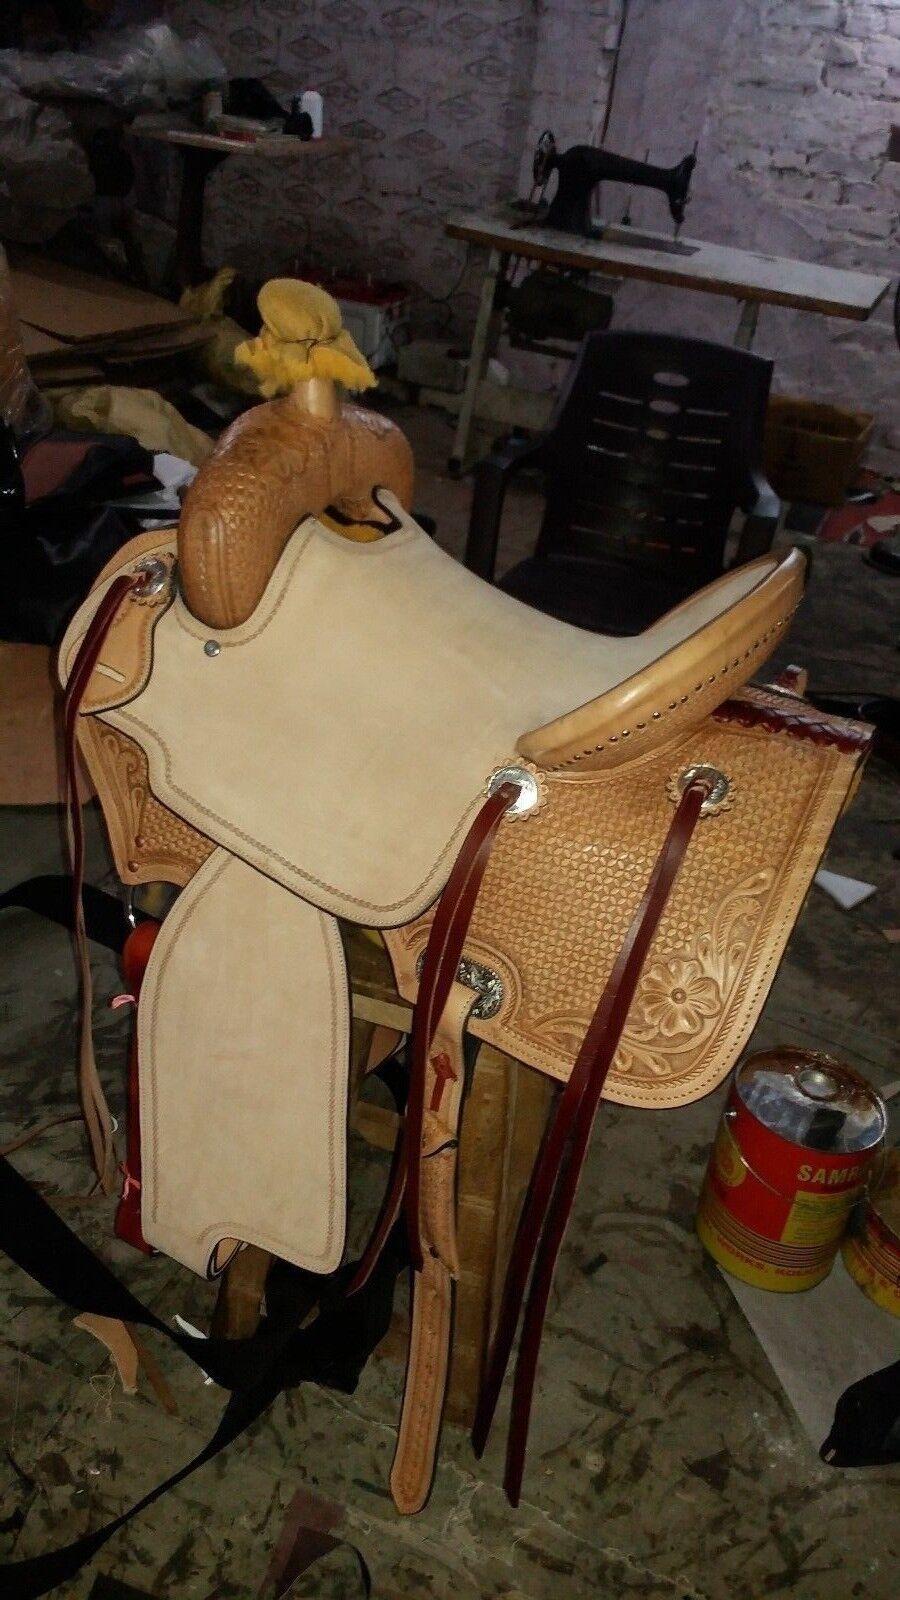 16'' western saddle  barell racing  good quality